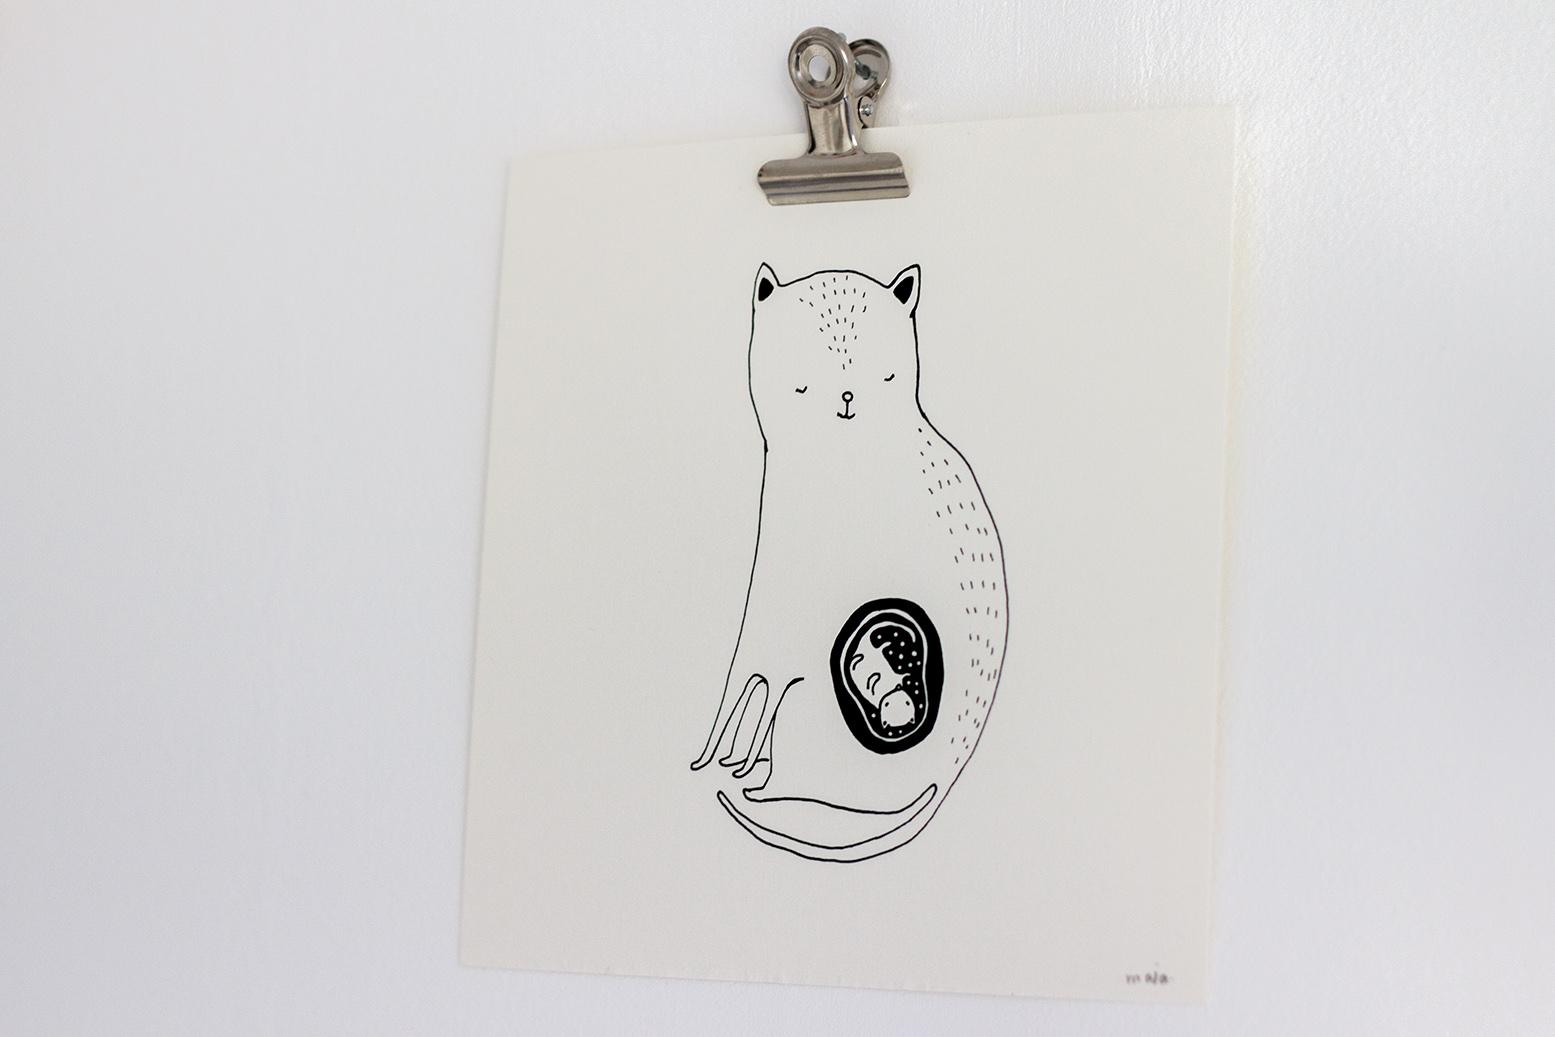 Majasbok ilustração gata grávida